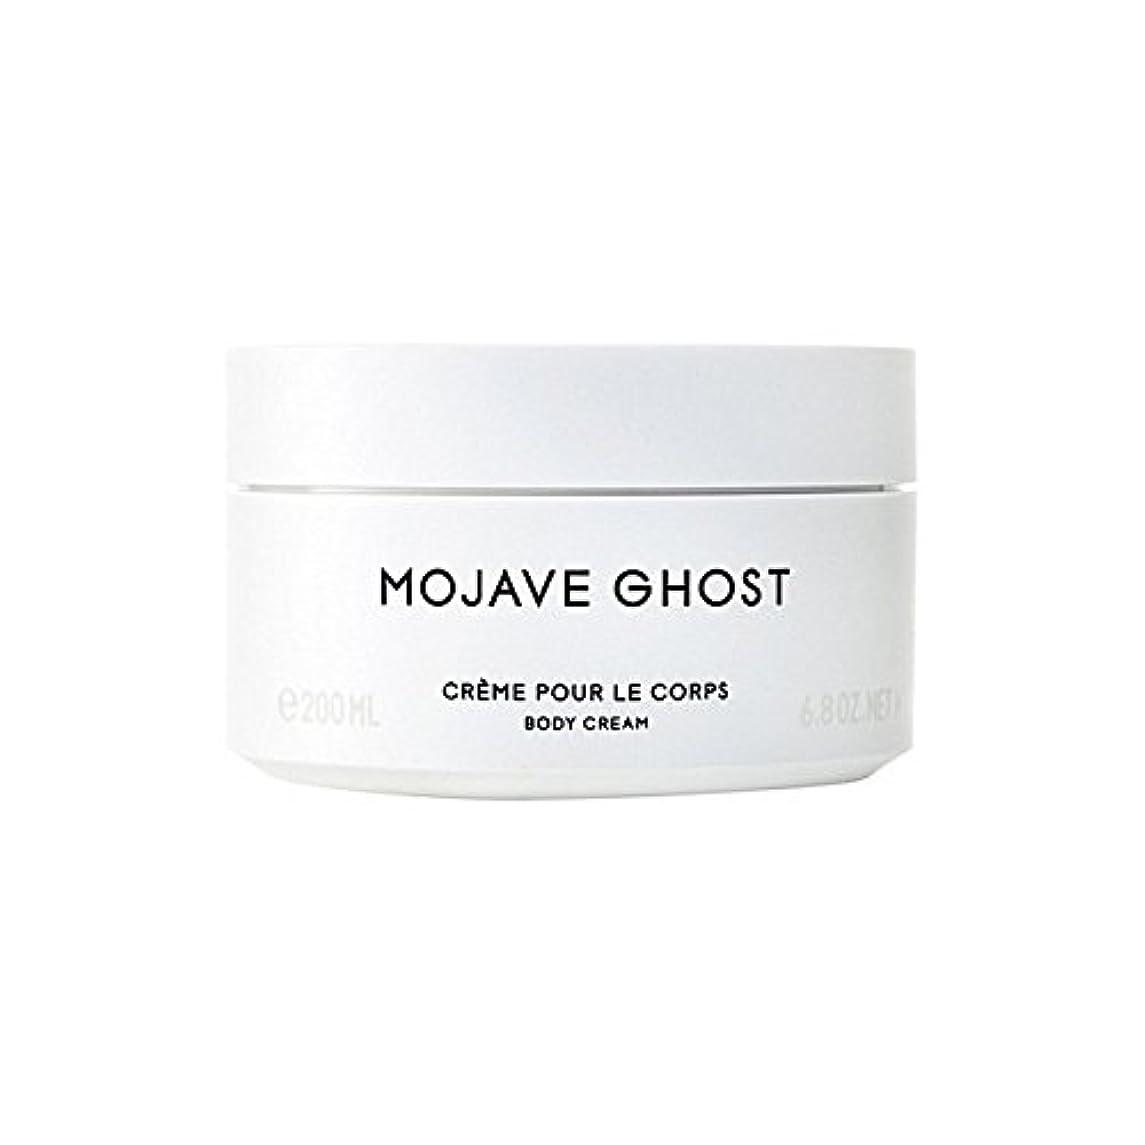 適応コール馬鹿Byredo Mojave Ghost Body Cream 200ml (Pack of 6) - モハーベゴーストボディクリーム200ミリリットル x6 [並行輸入品]